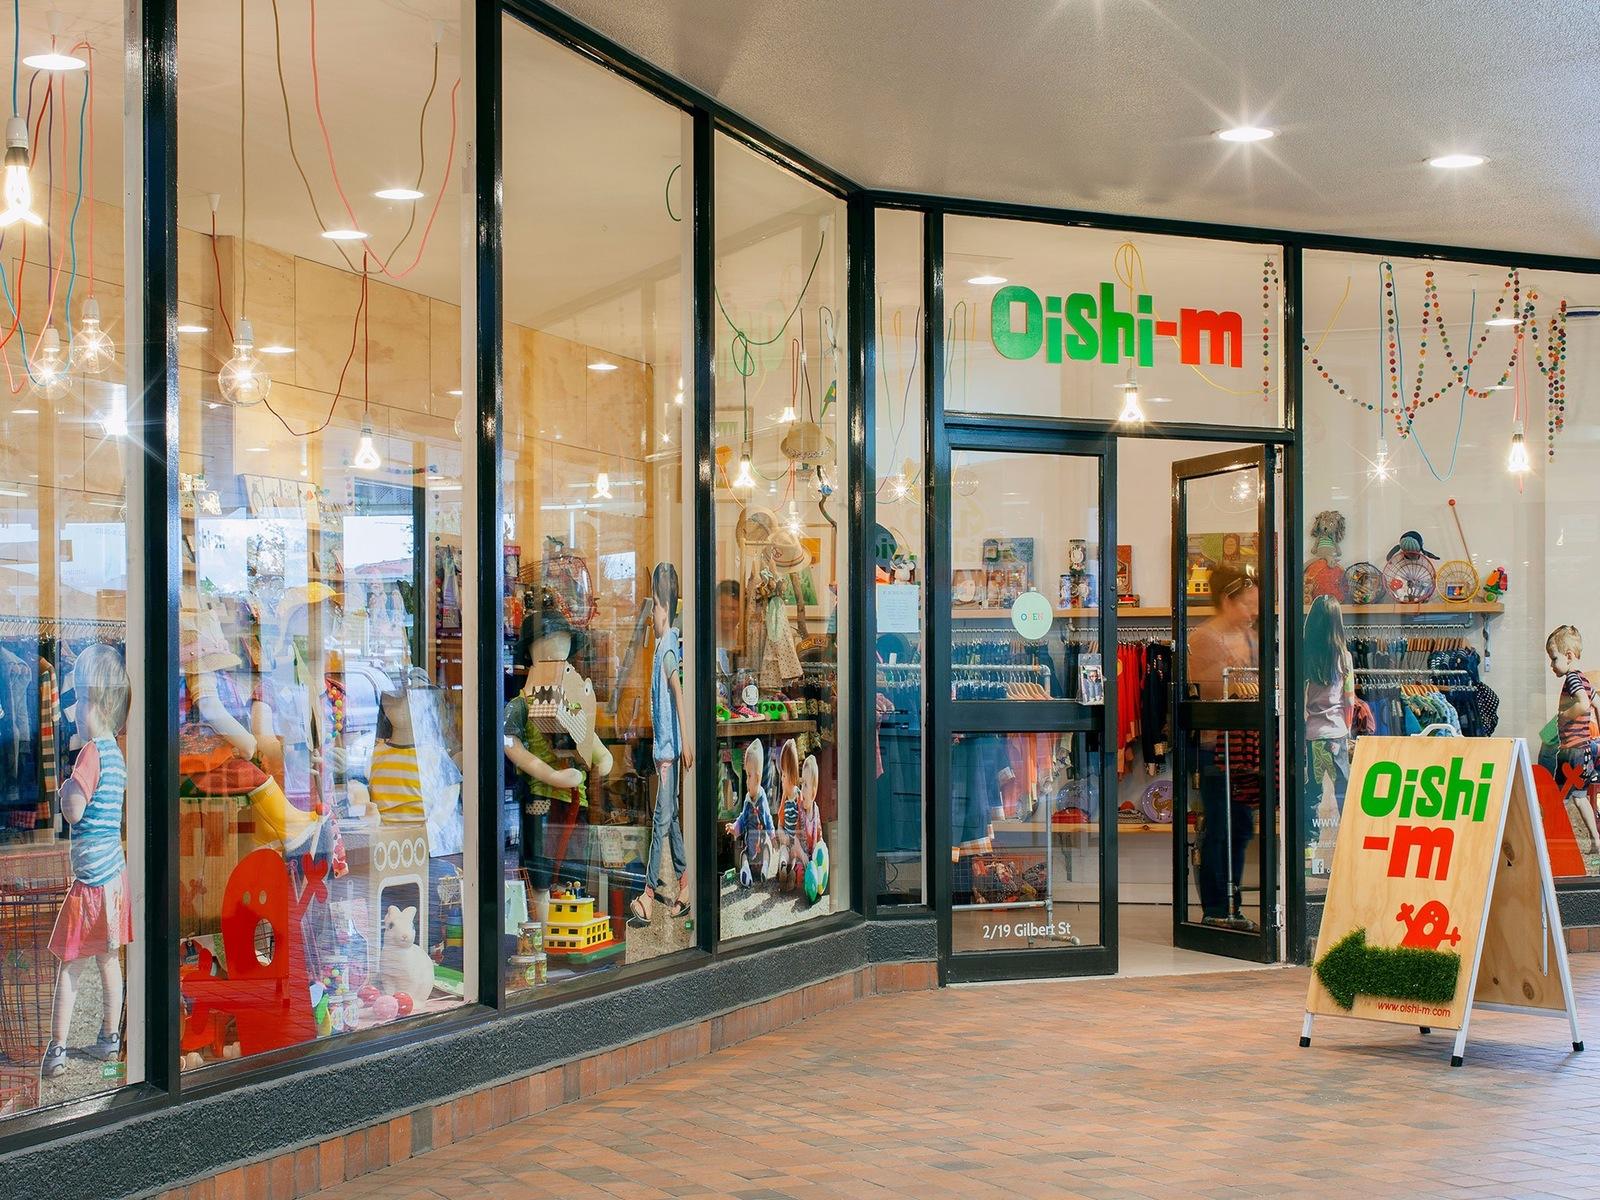 Oishi-m Storefront